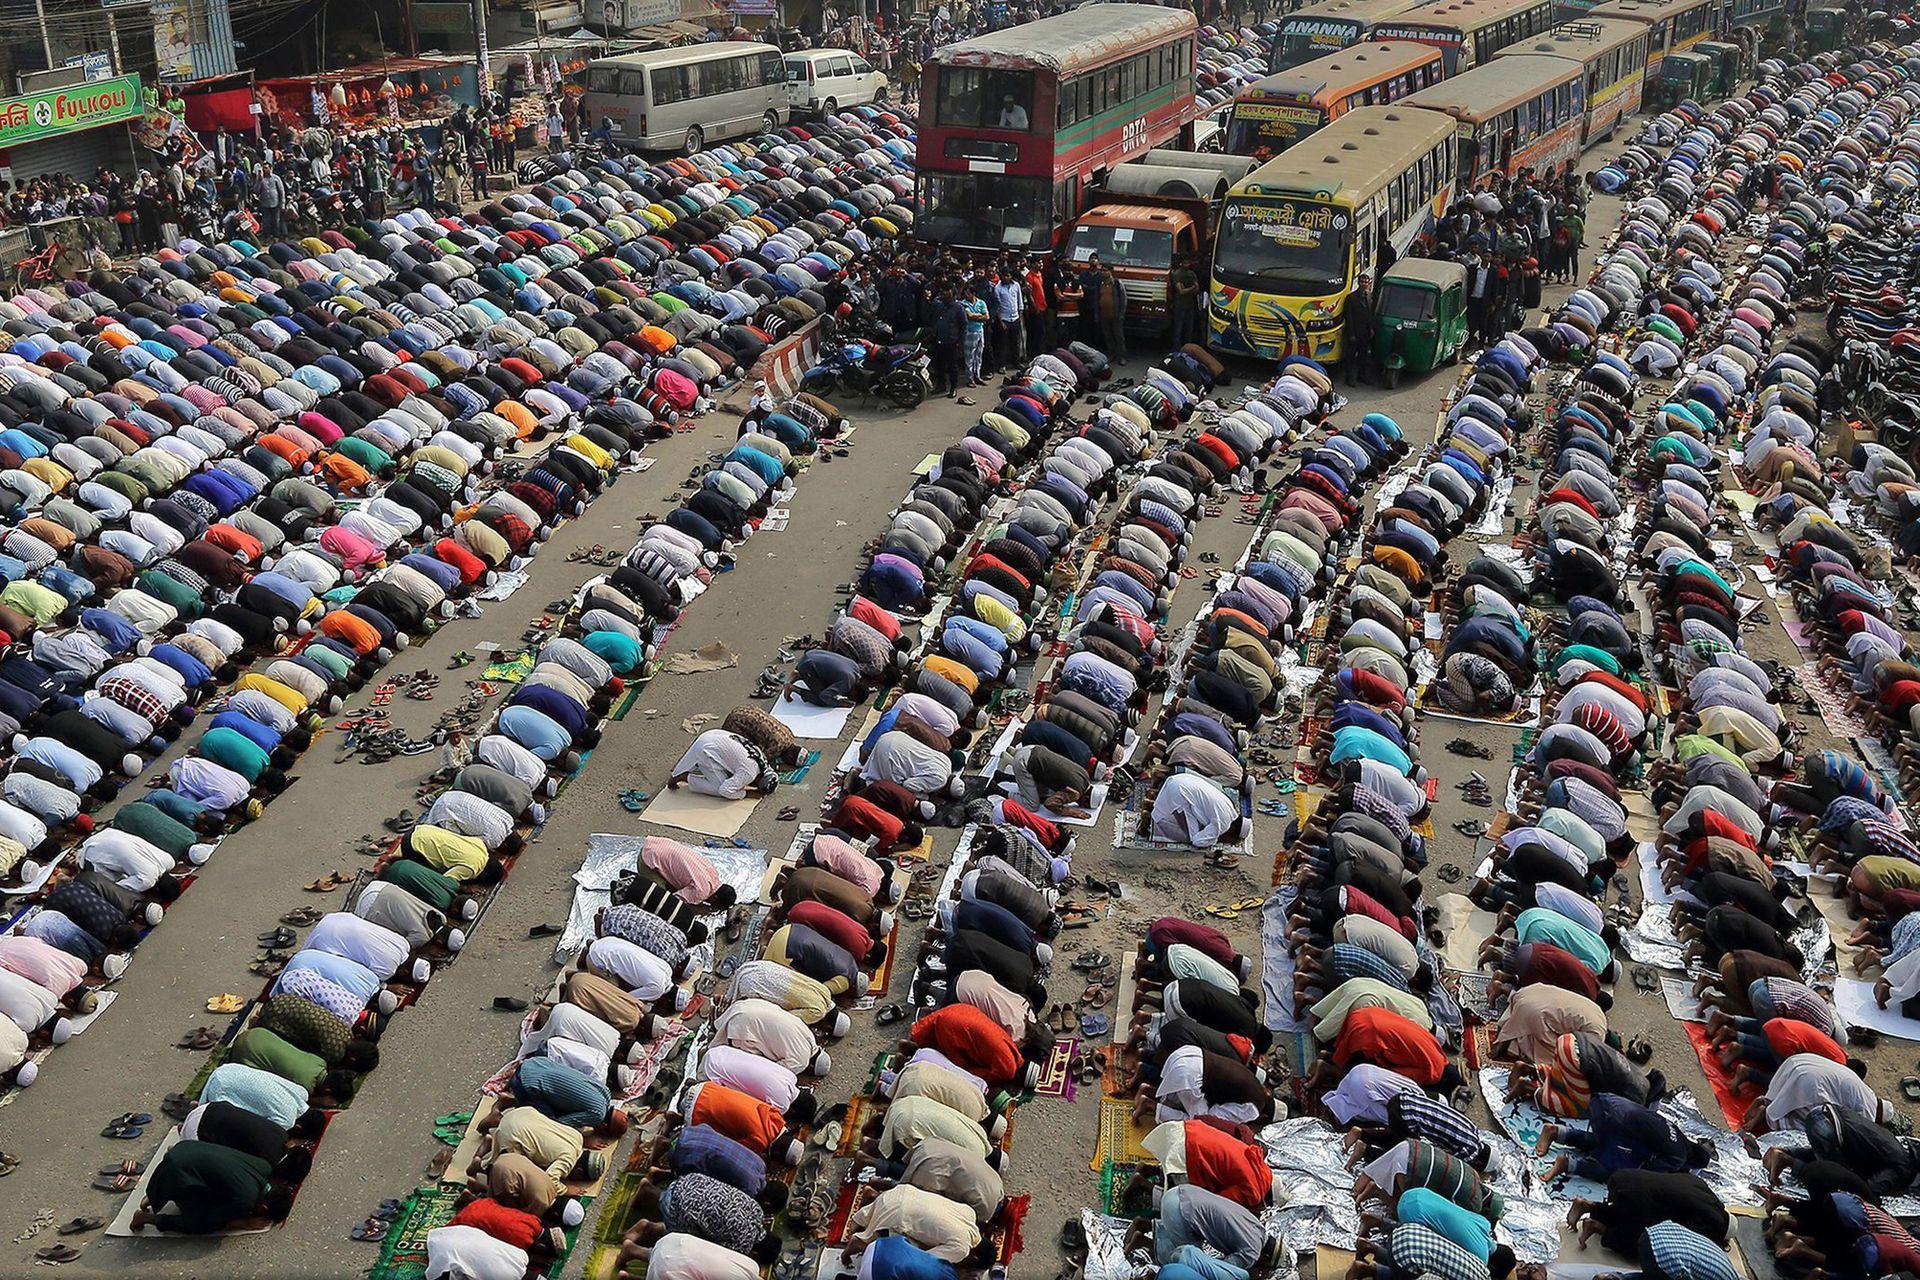 Tercer lugar, categoría Ciudades: la imagen es de Sandipani Chattopadhyay, La gente reza en la calle en Dhaka, Bangladesh durante Ijtema. Bishwa Ijtema es una de las principales reuniones religiosas islámicas